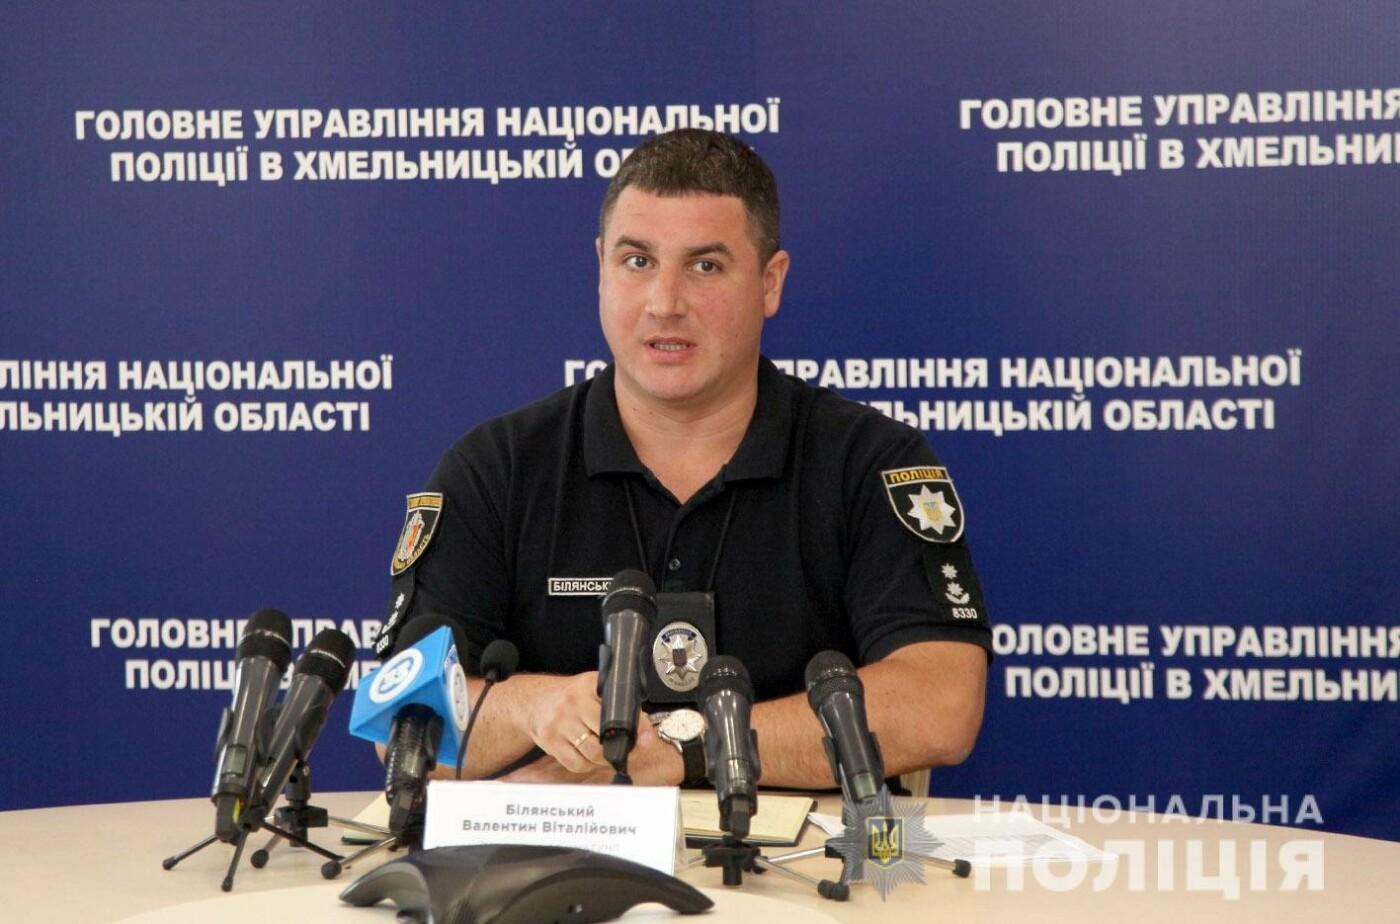 На Хмельниччині під час виборів буде задіяно 2200 працівників поліції — Валентин Білянський, фото-2